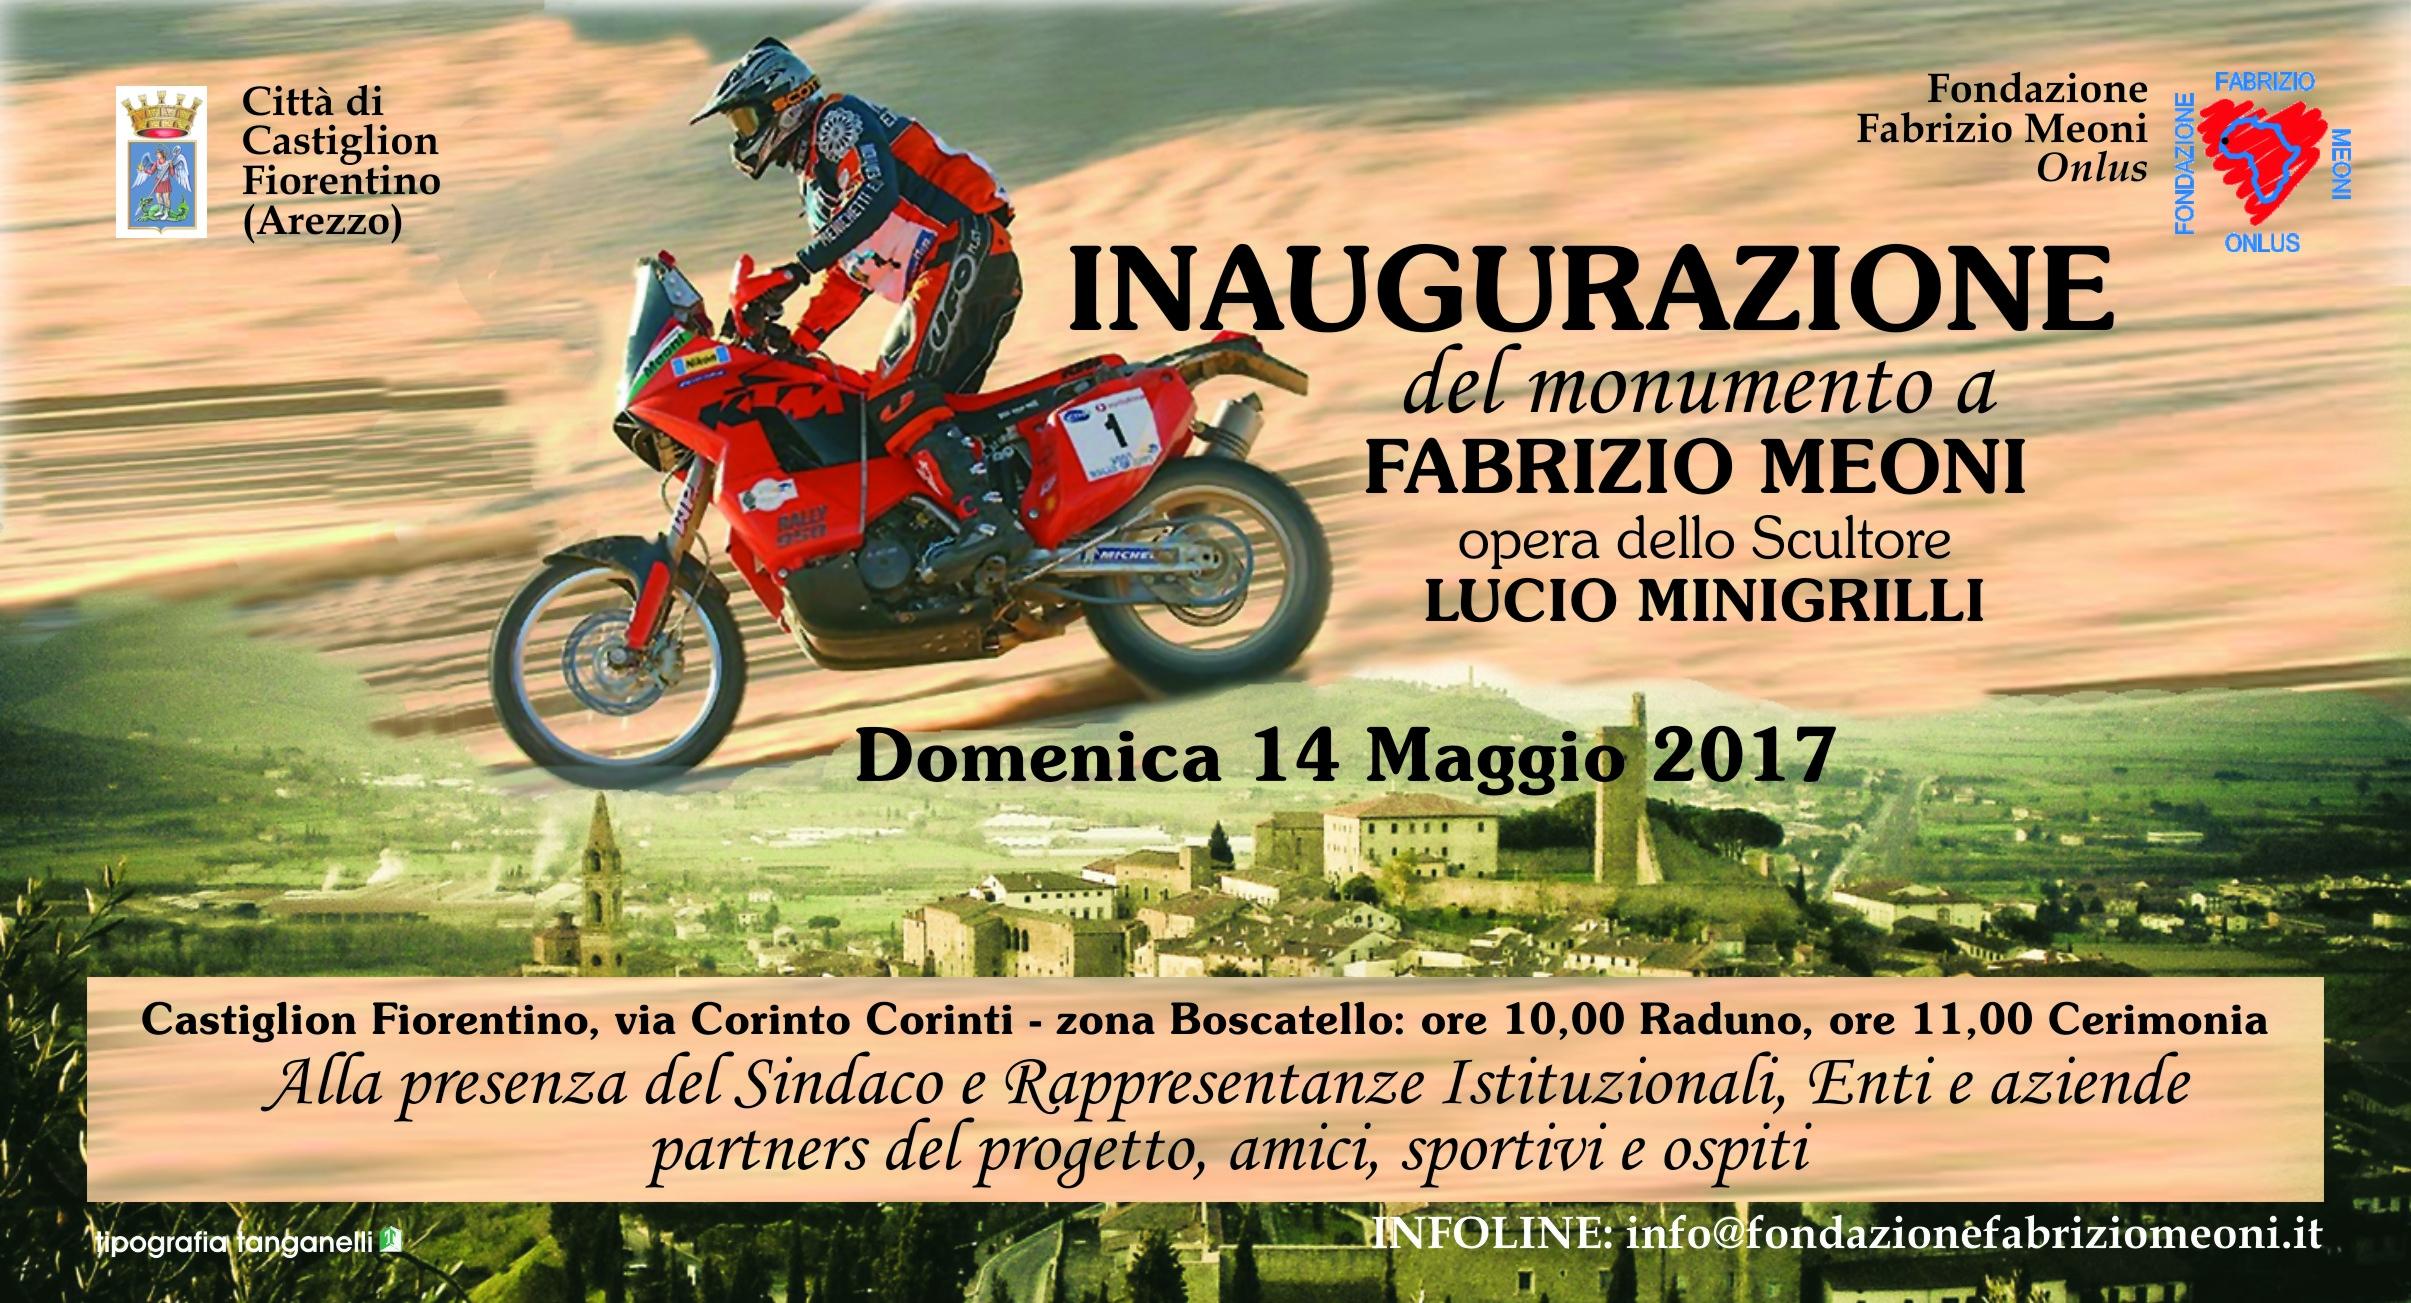 Monumento a Fabrizio Meoni, il 14 Maggio l'inaugurazione